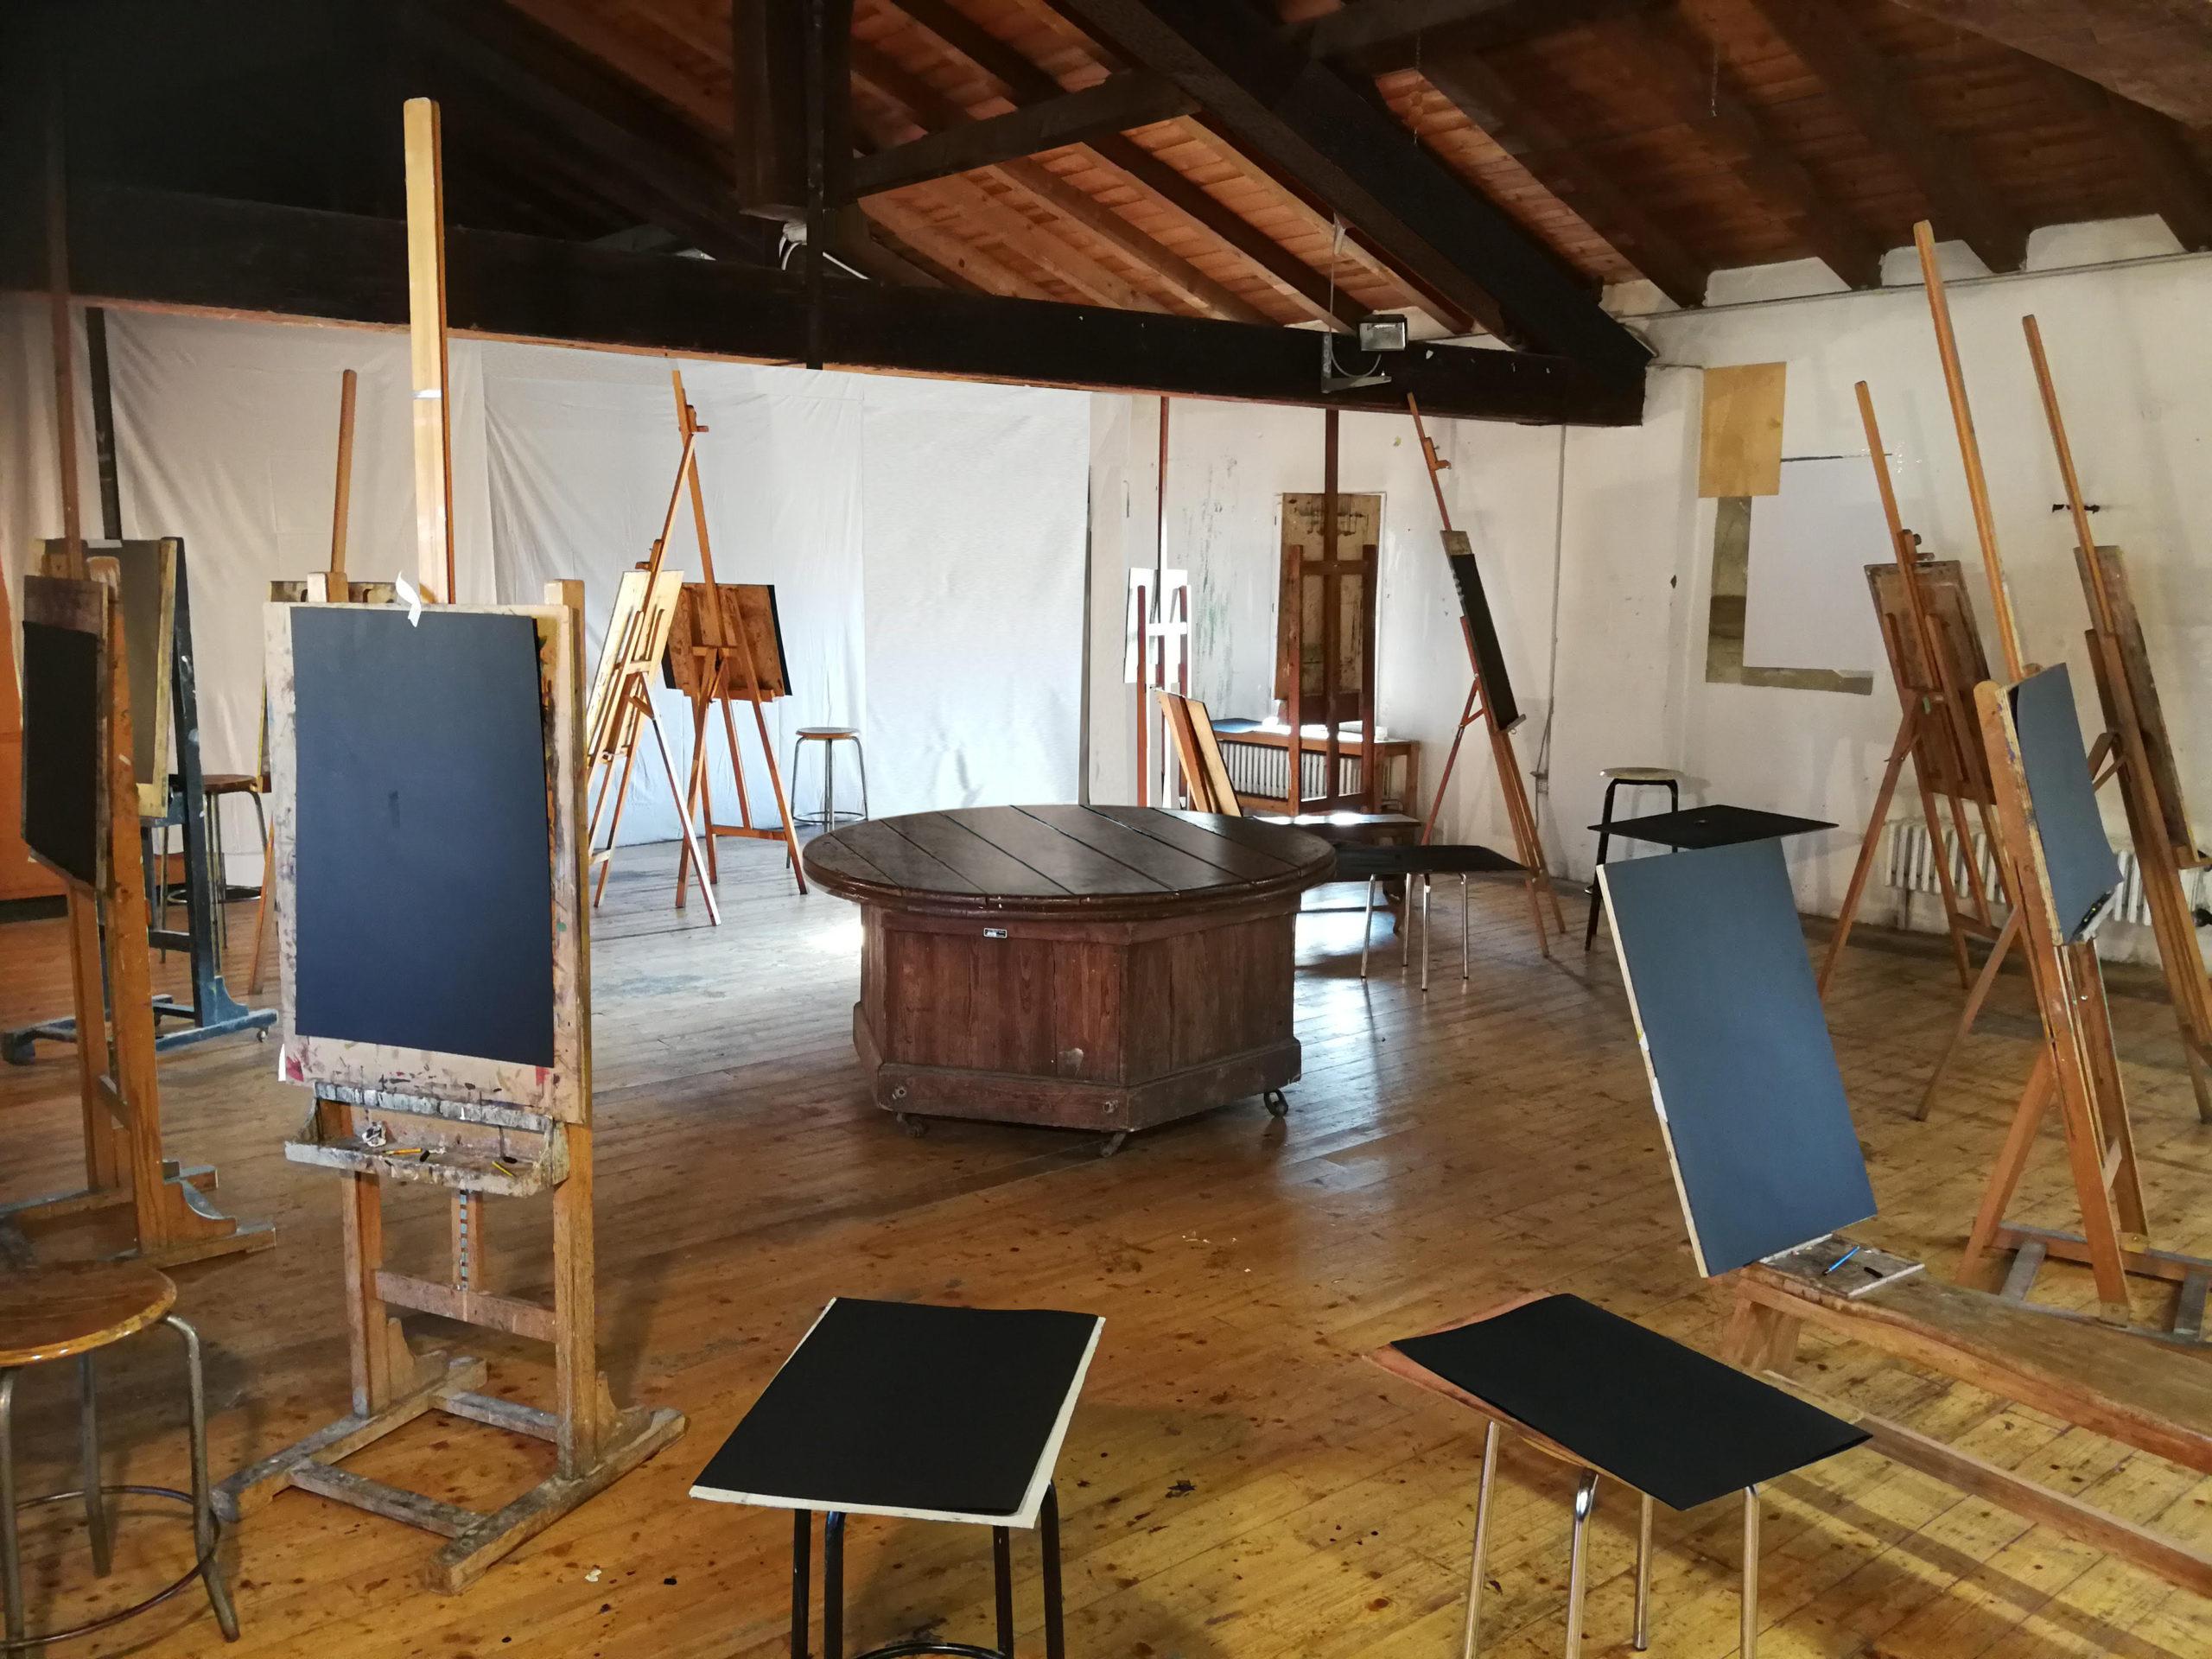 Nudi in galleria: Stefano Scheda allestisce la Scuola Libera del Nudo, a Milano